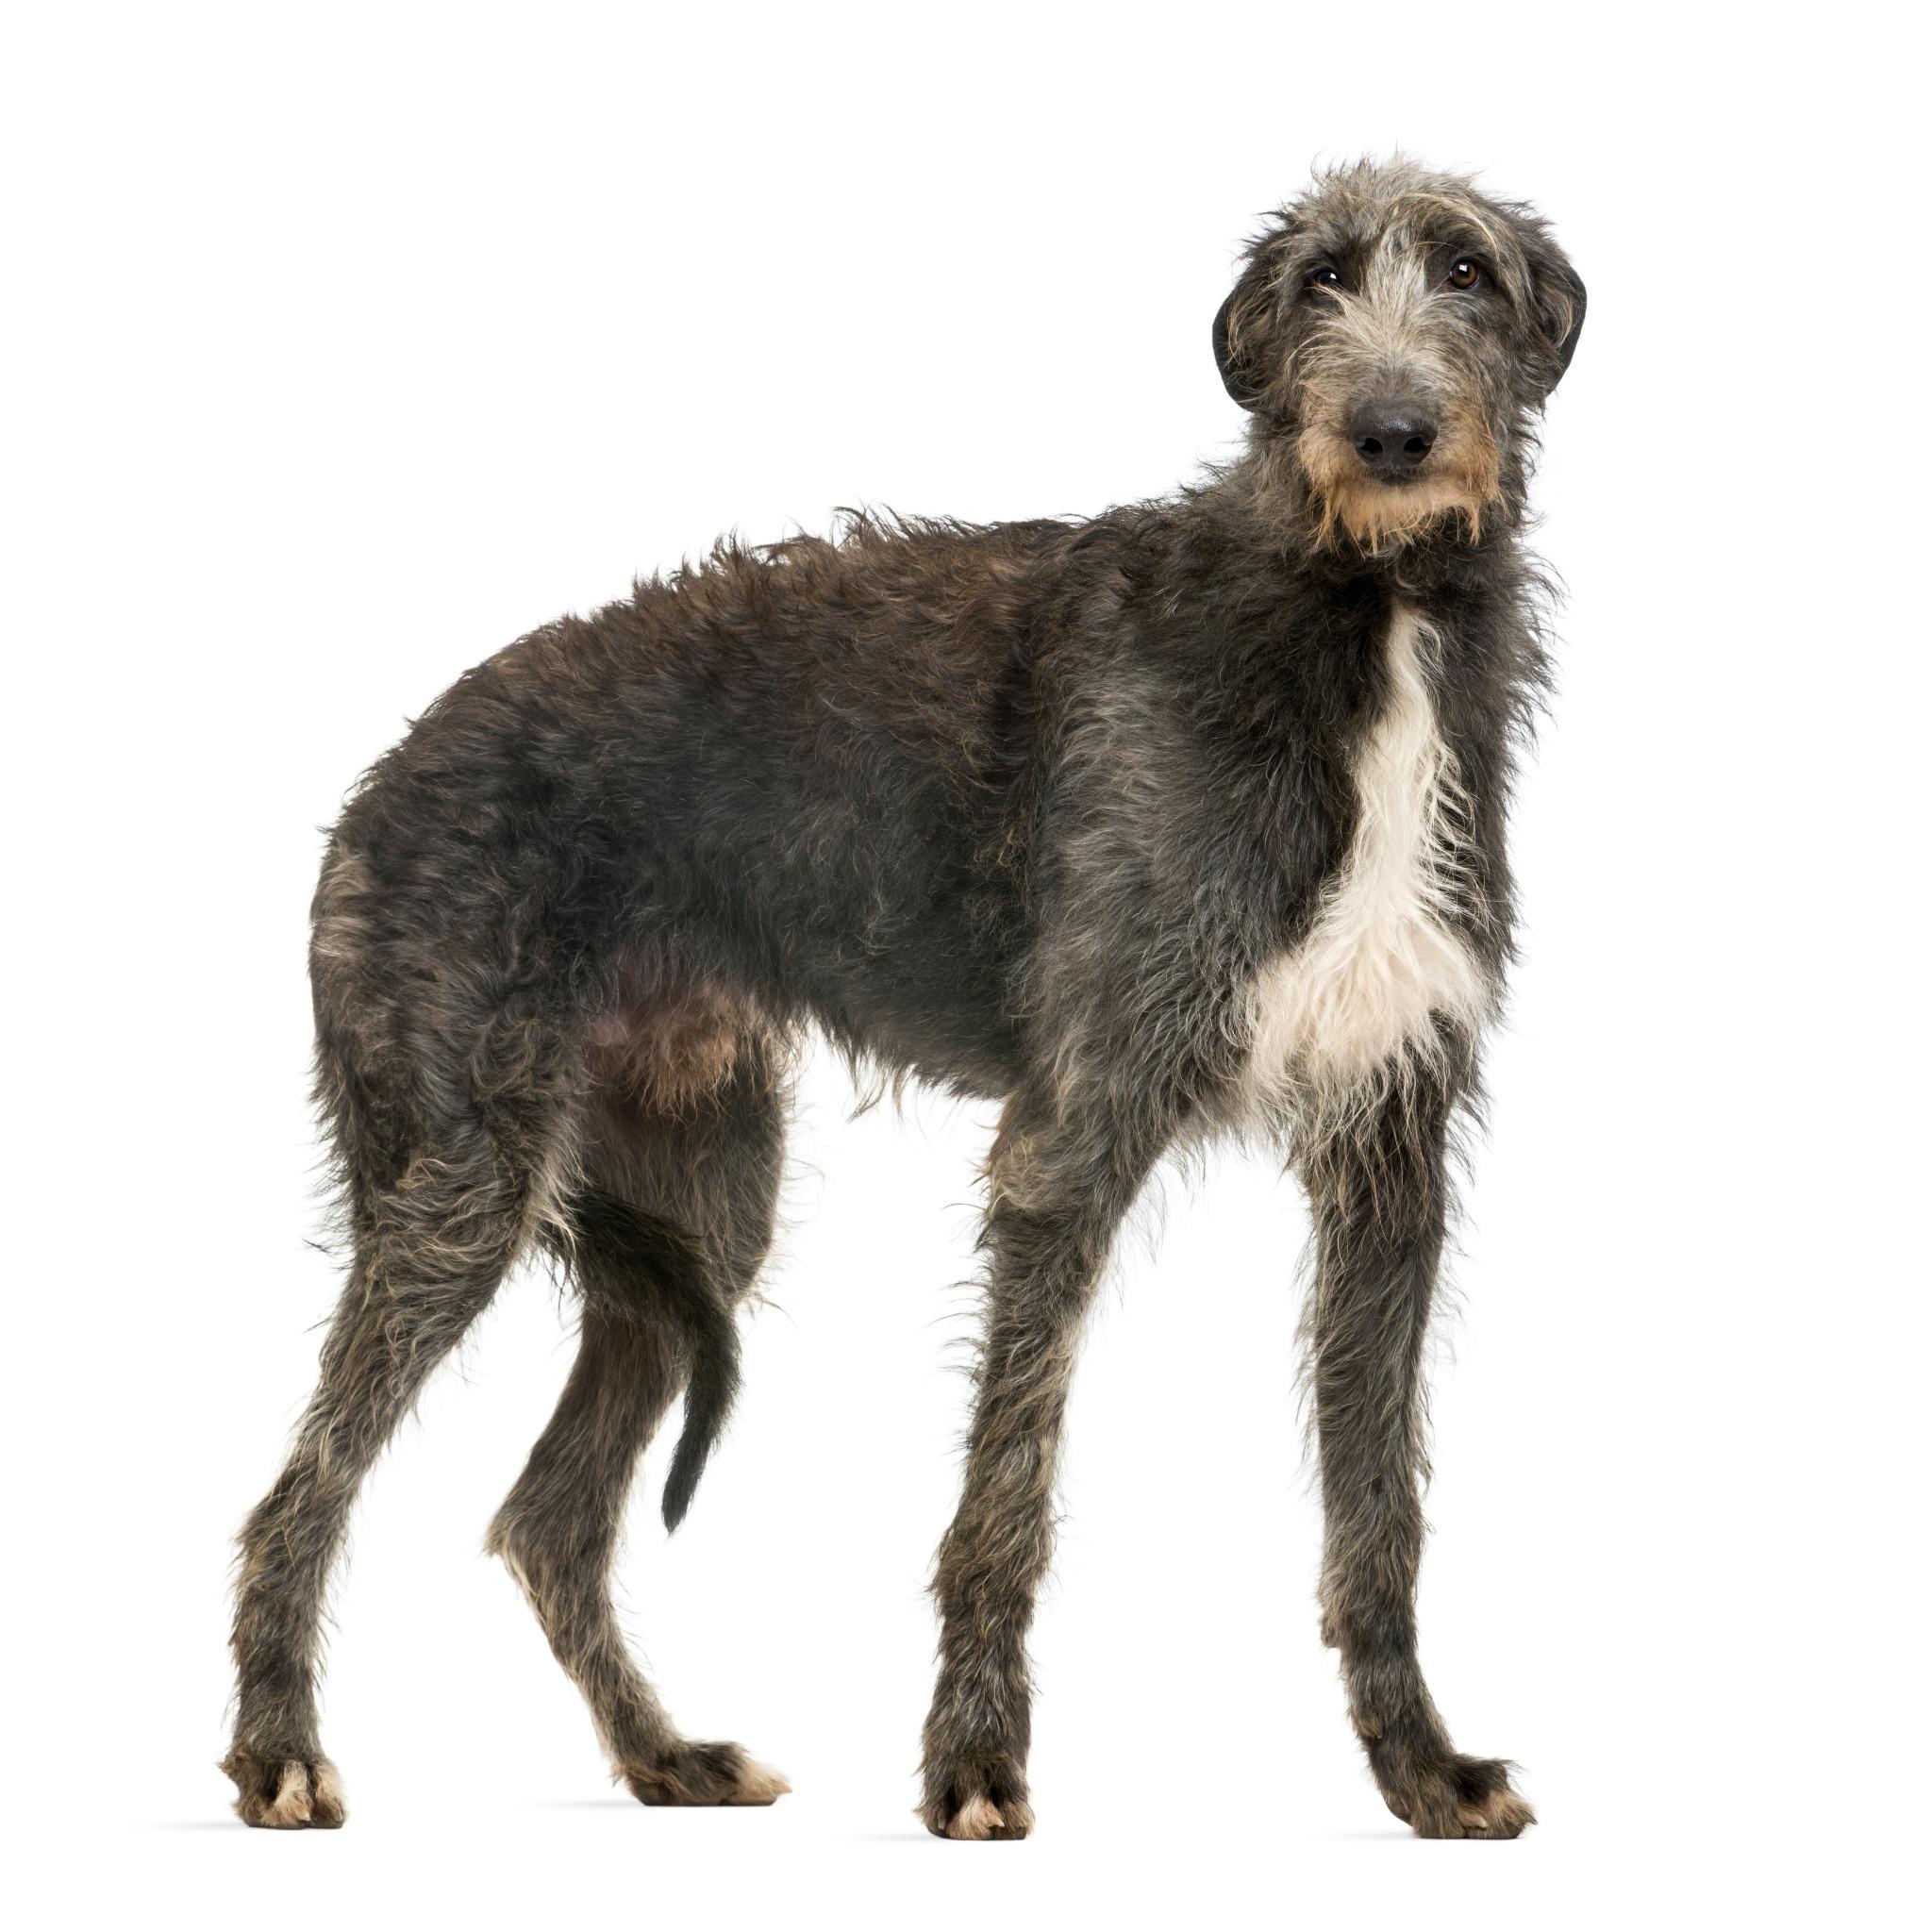 A Scottish Deerhound